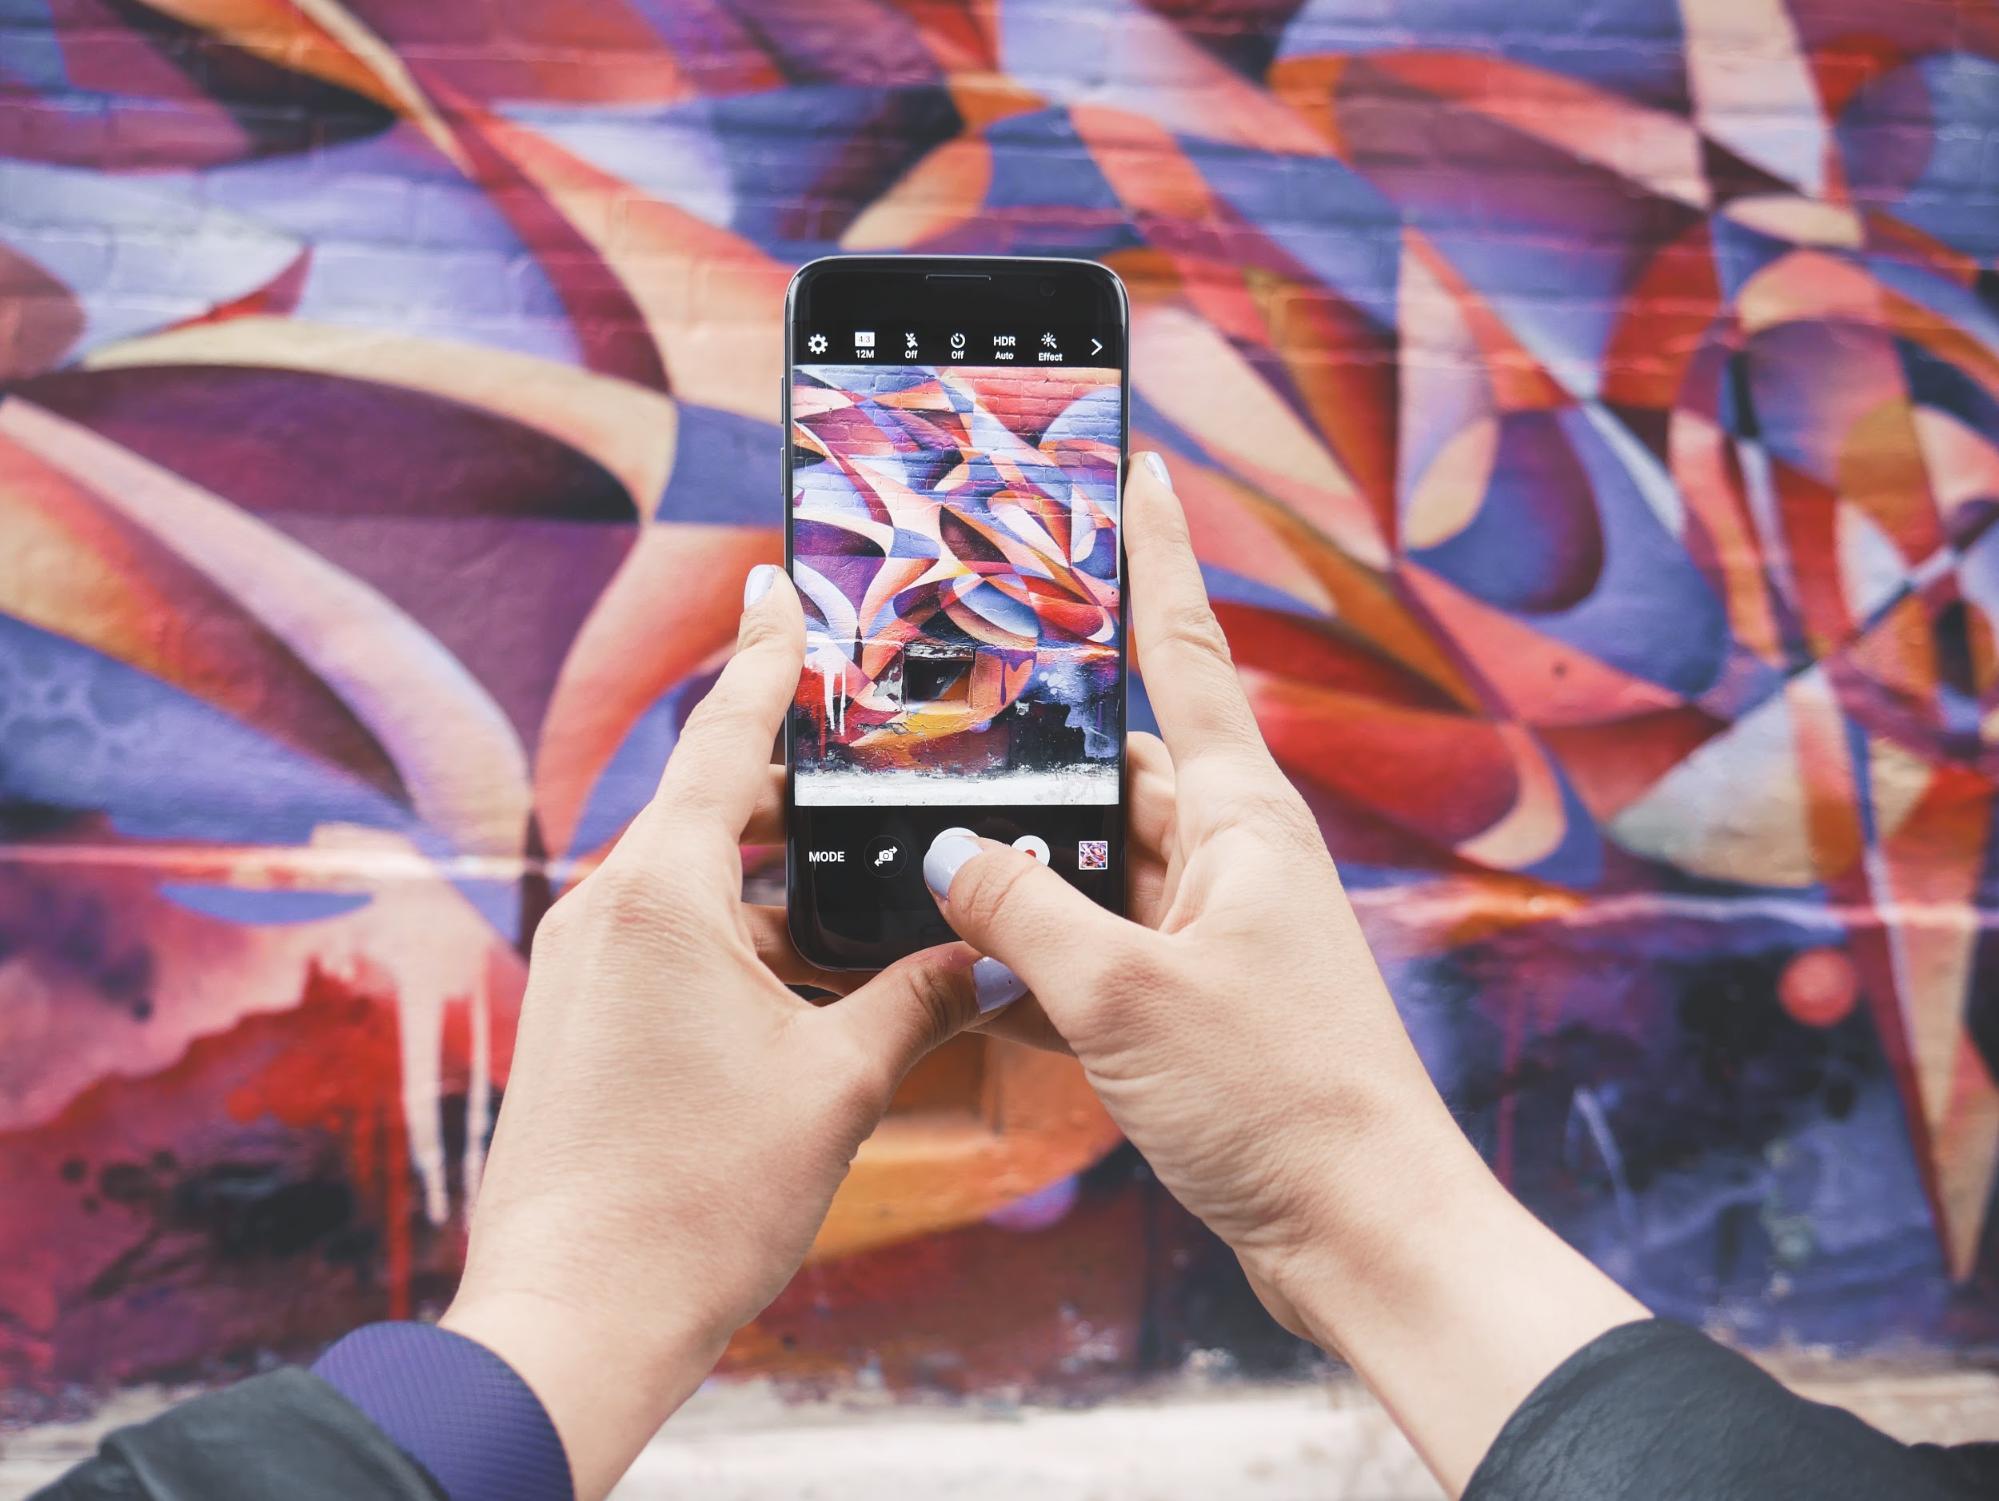 Taking a photo of graffiti